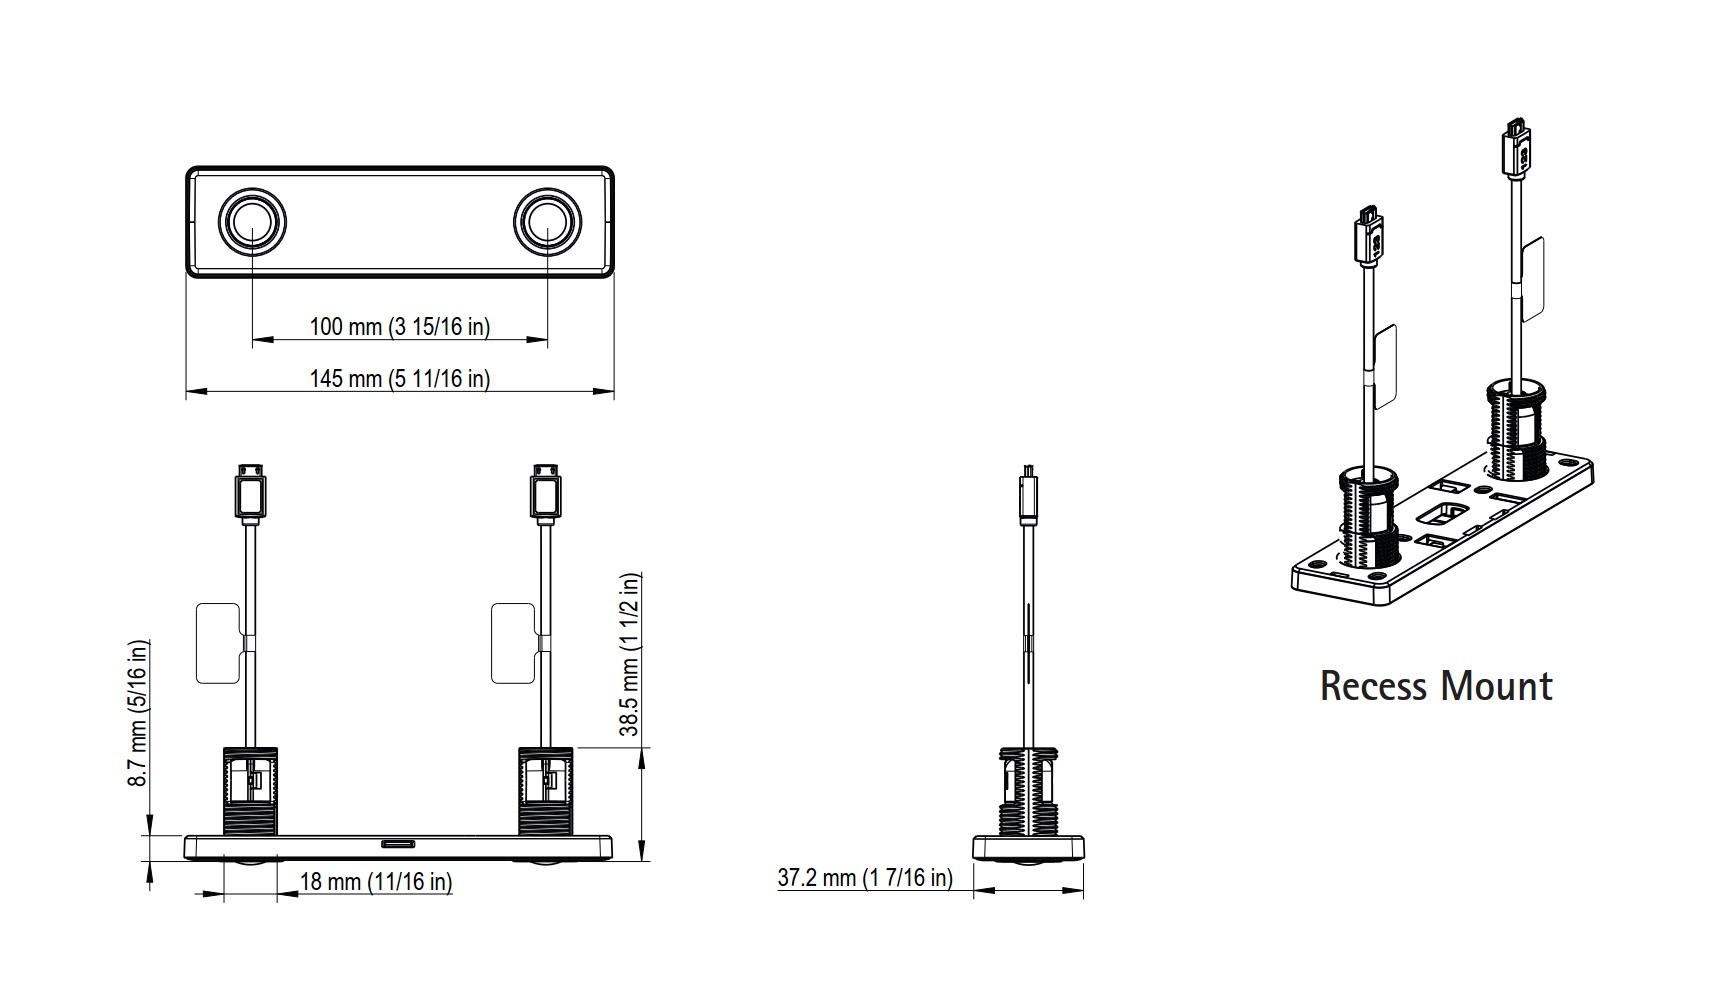 F8804 Recess Mount Dimensions